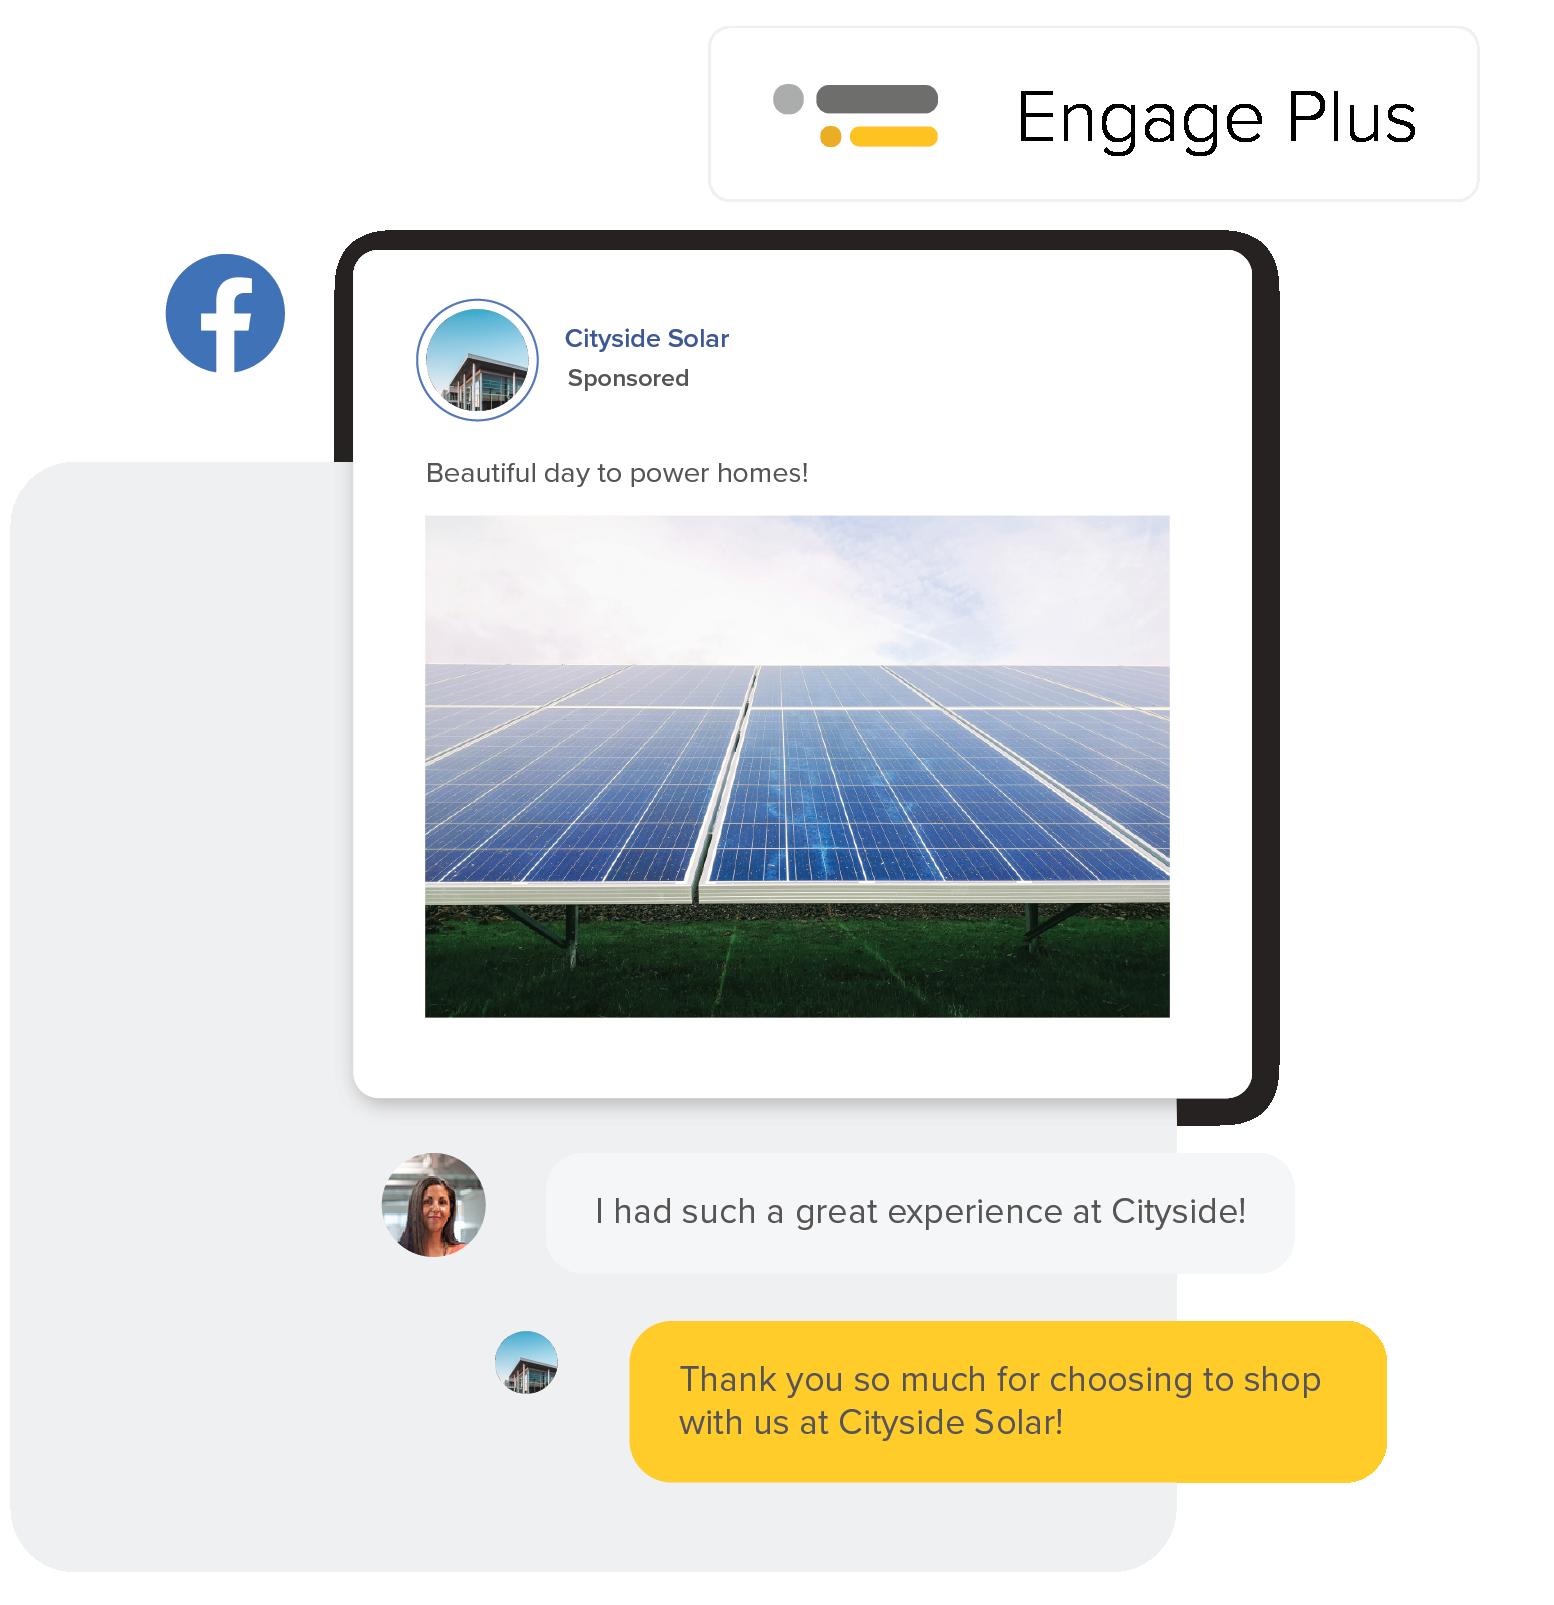 Solar_engage_plus